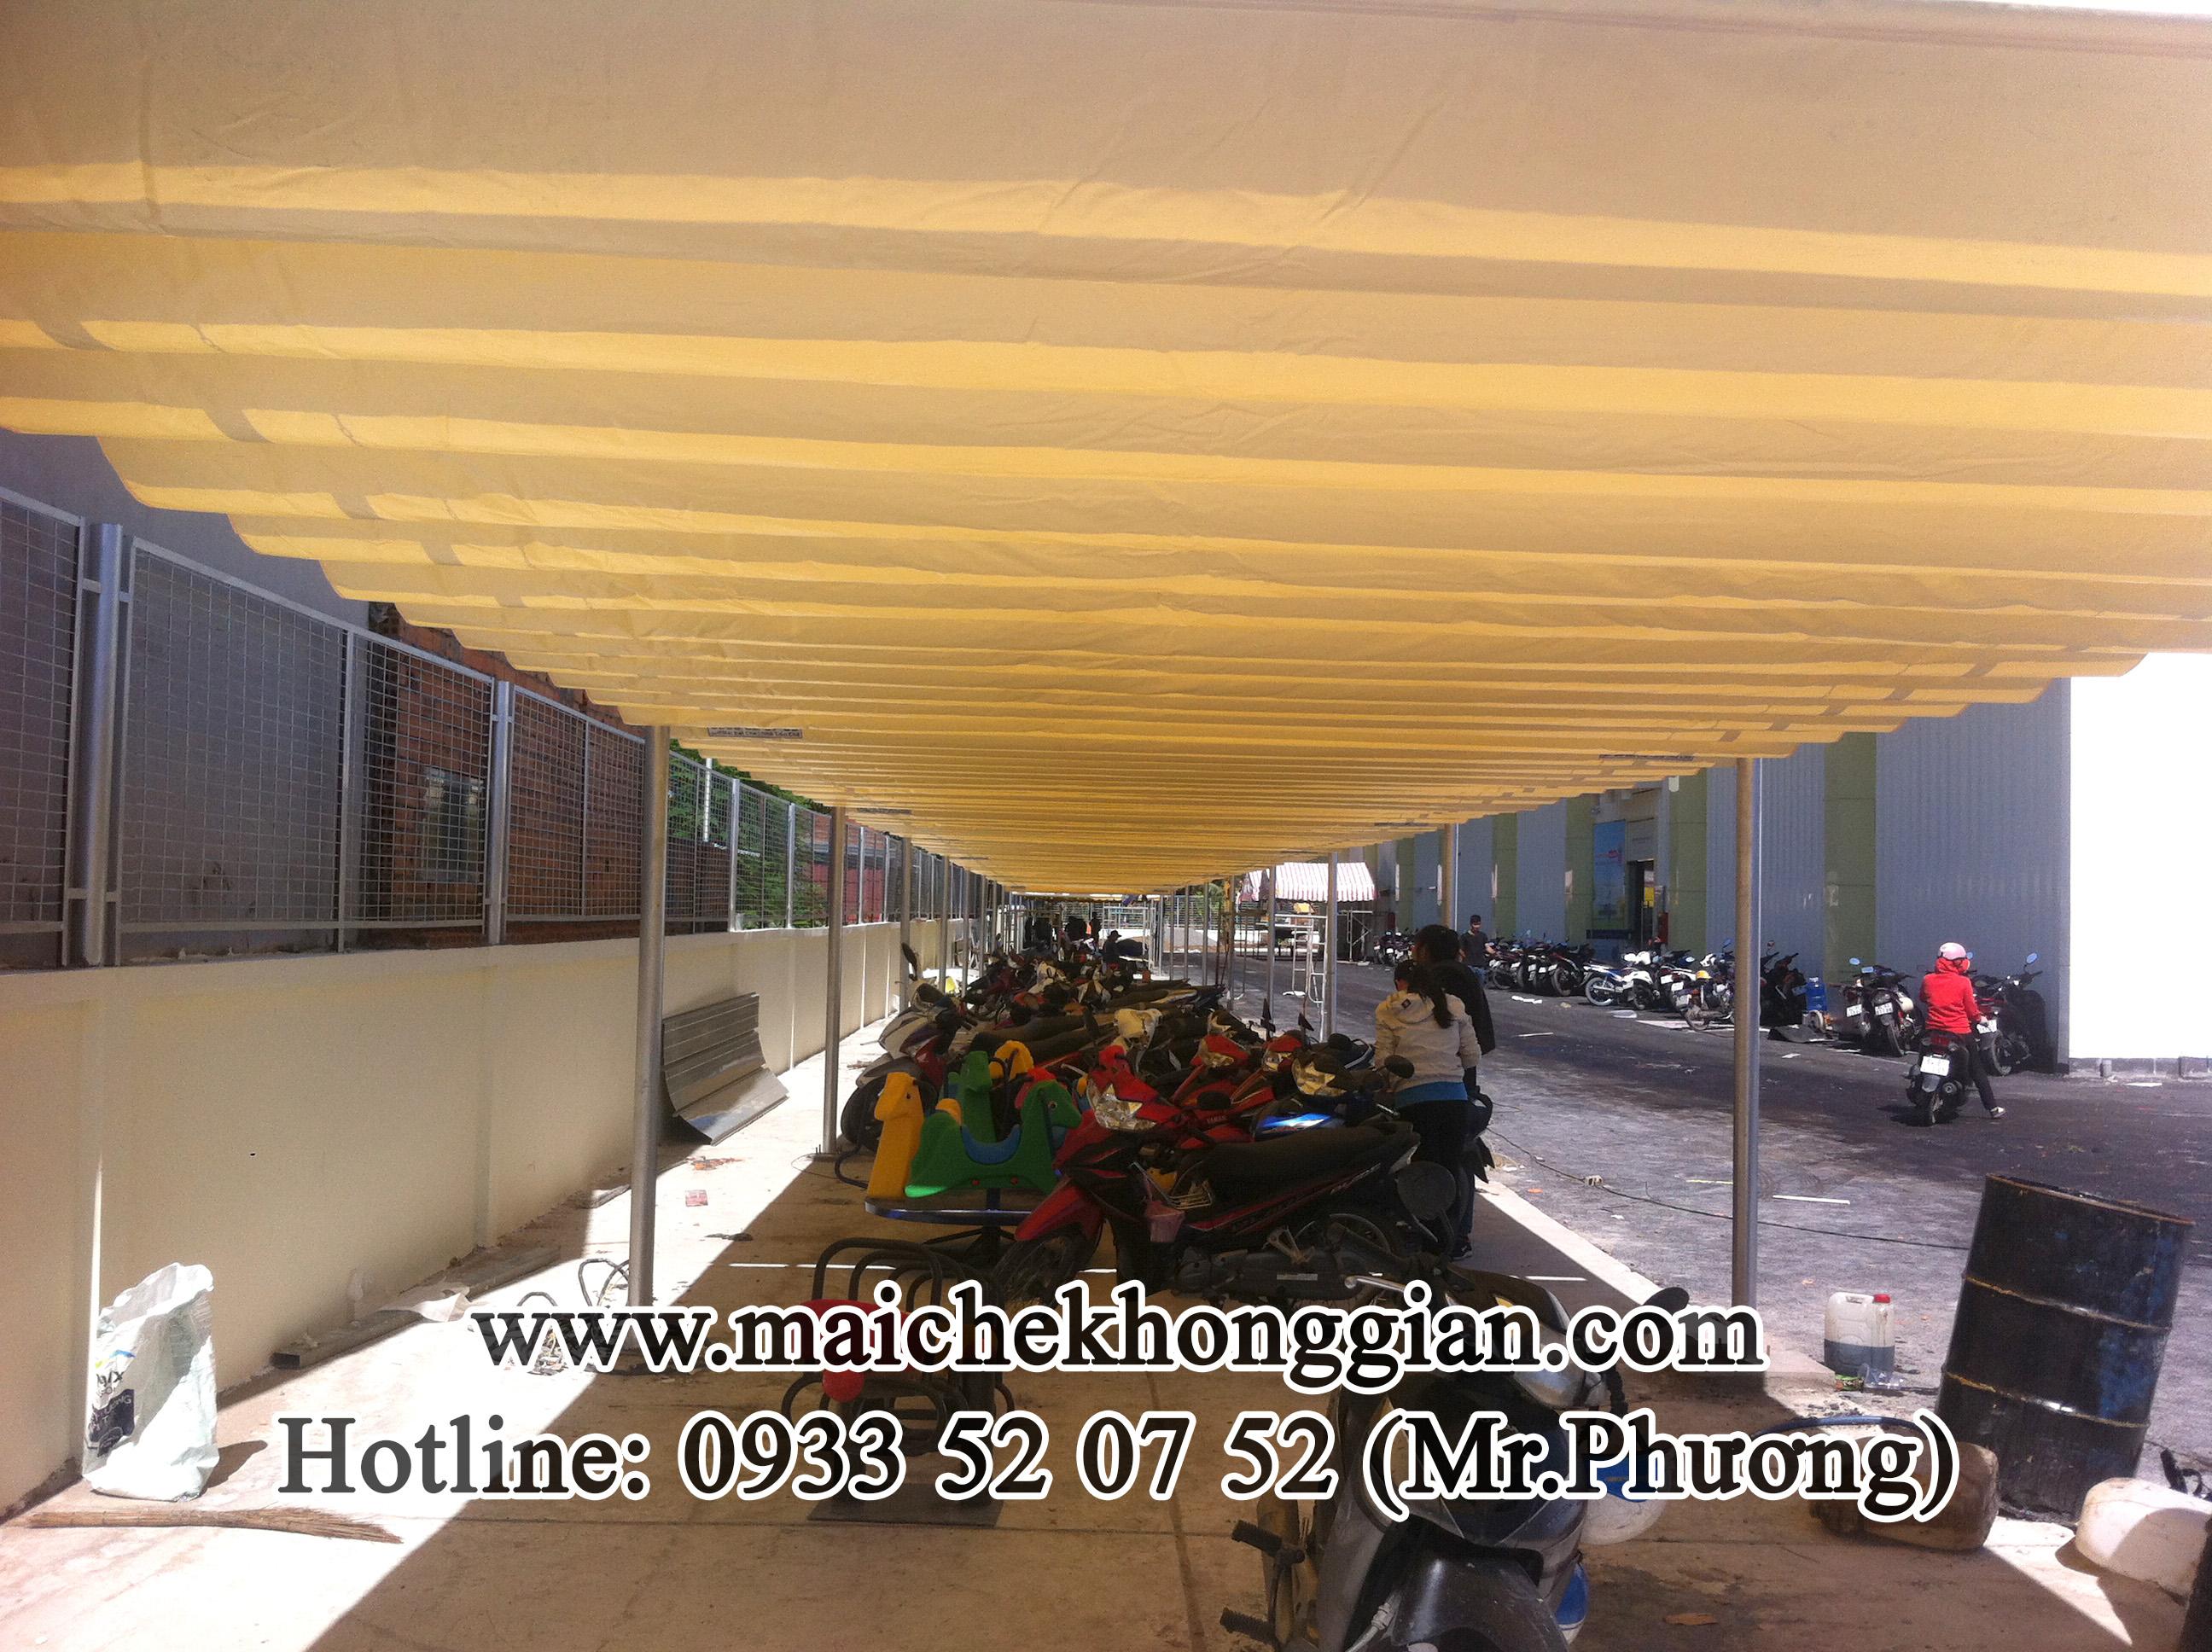 Mái bạt Huyện Vũng Liêm Vĩnh Long